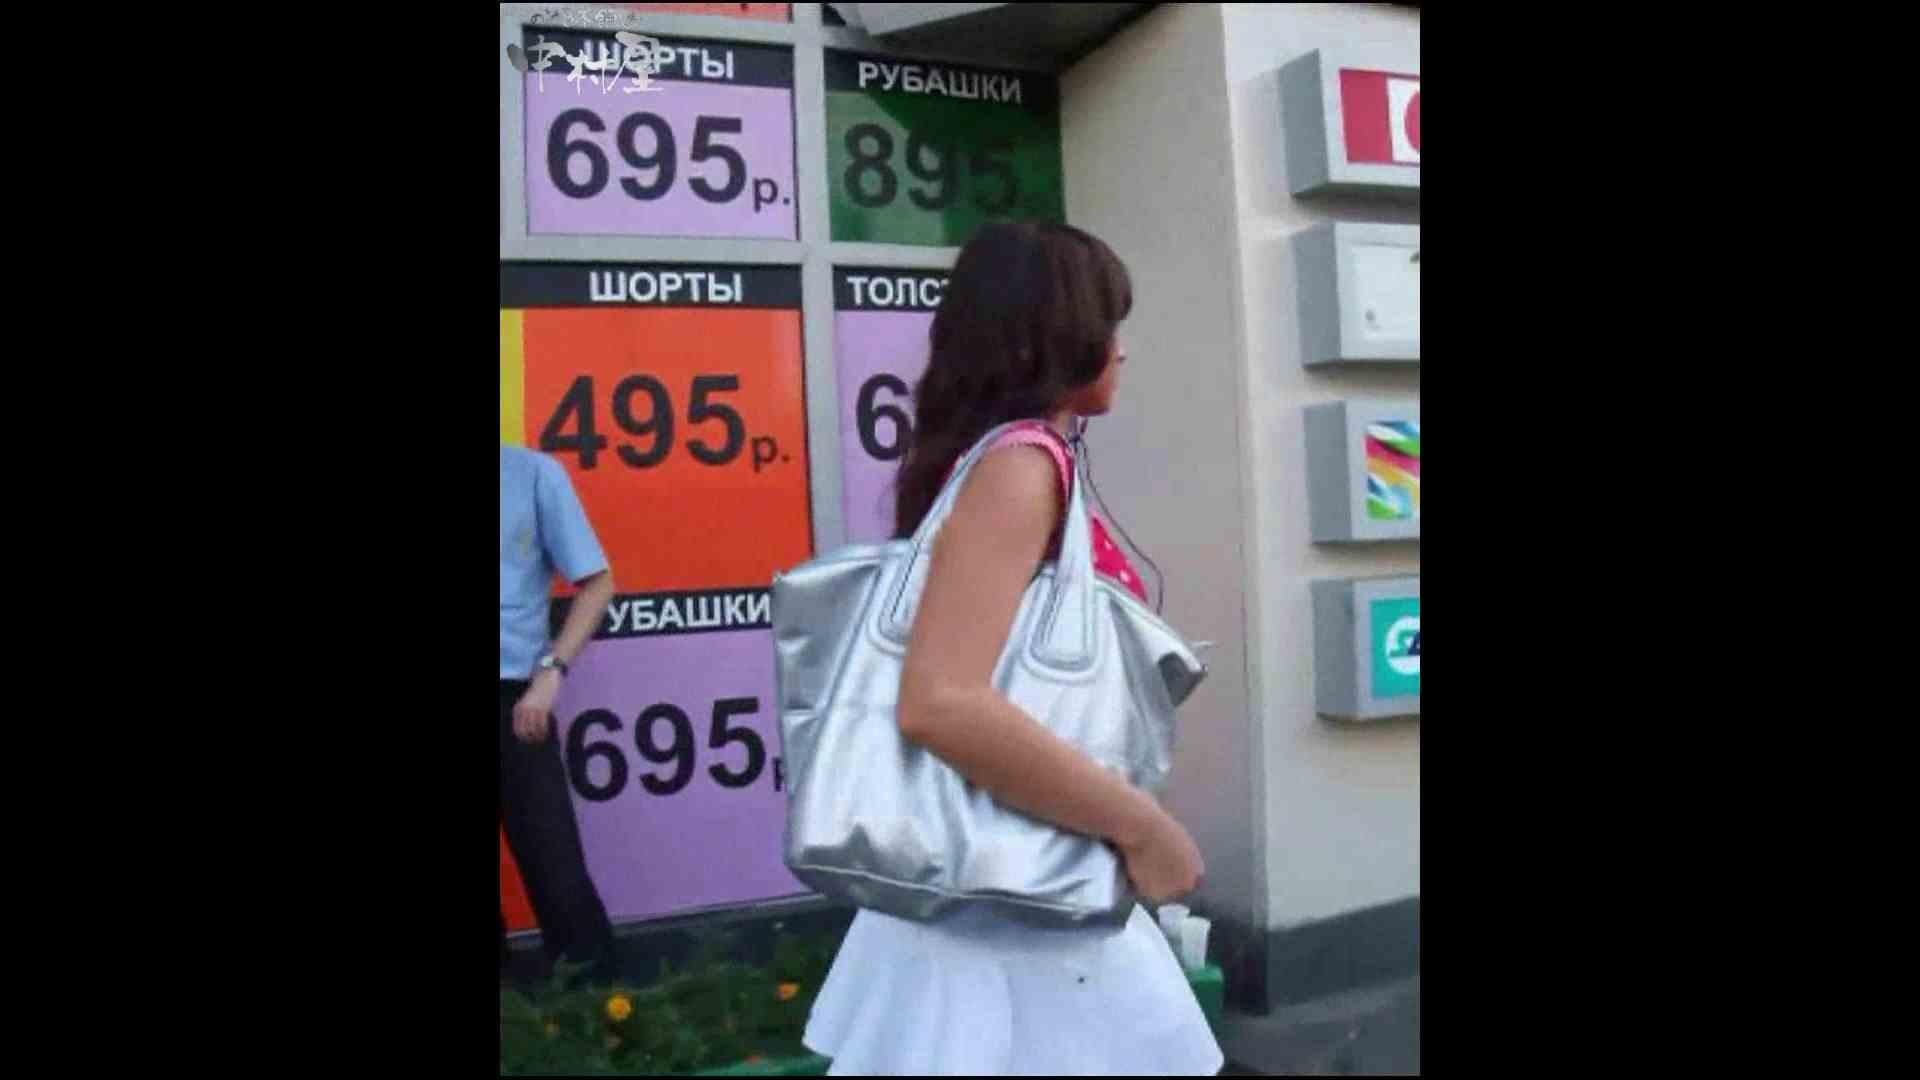 綺麗なモデルさんのスカート捲っちゃおう‼ vol25 お姉さんのエロ動画  94PIX 36